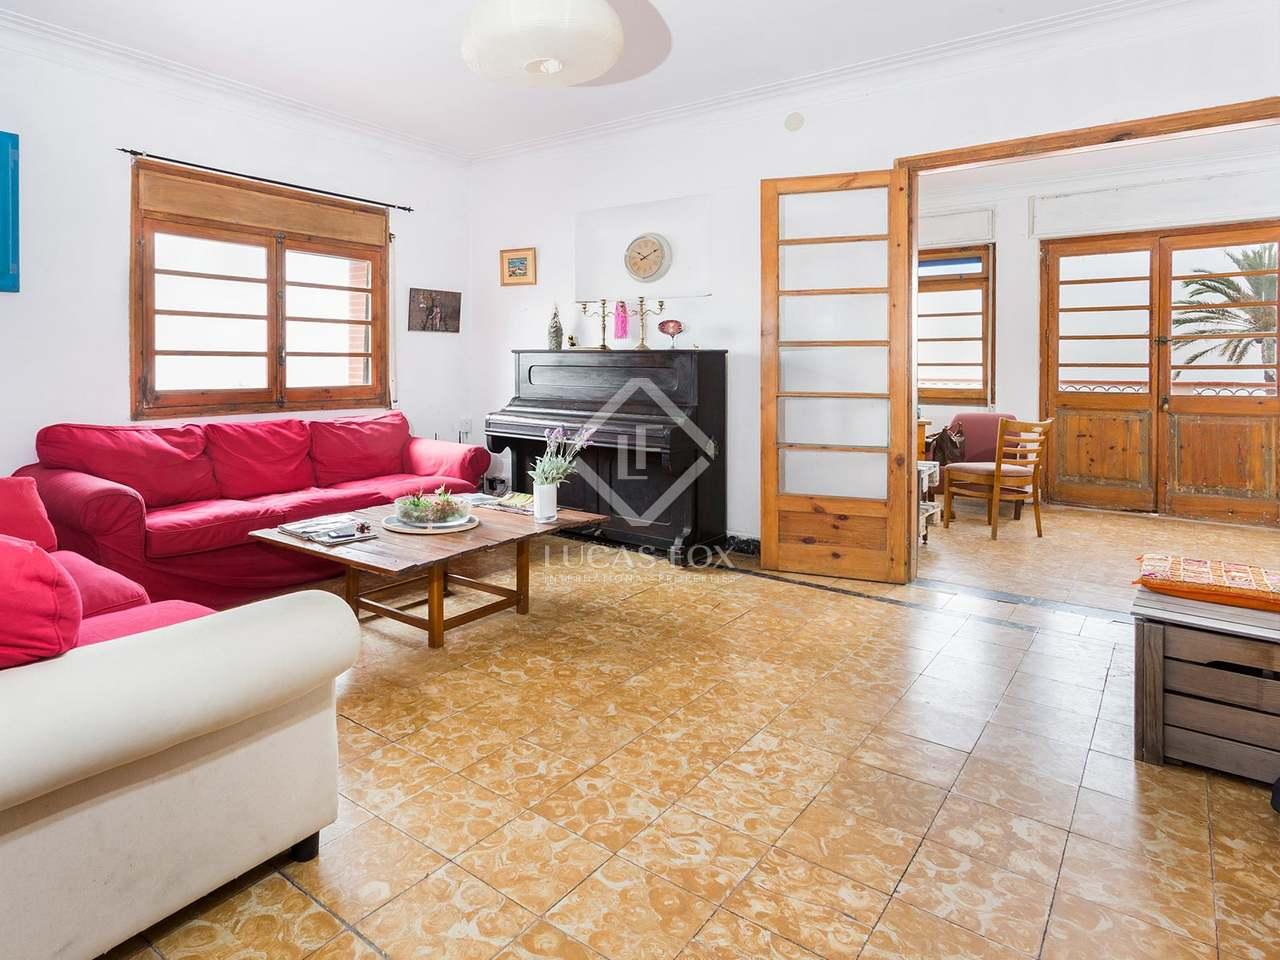 2 apartamentos de 3 dormitorios en venta en la barceloneta - Apartamentos en la barceloneta ...